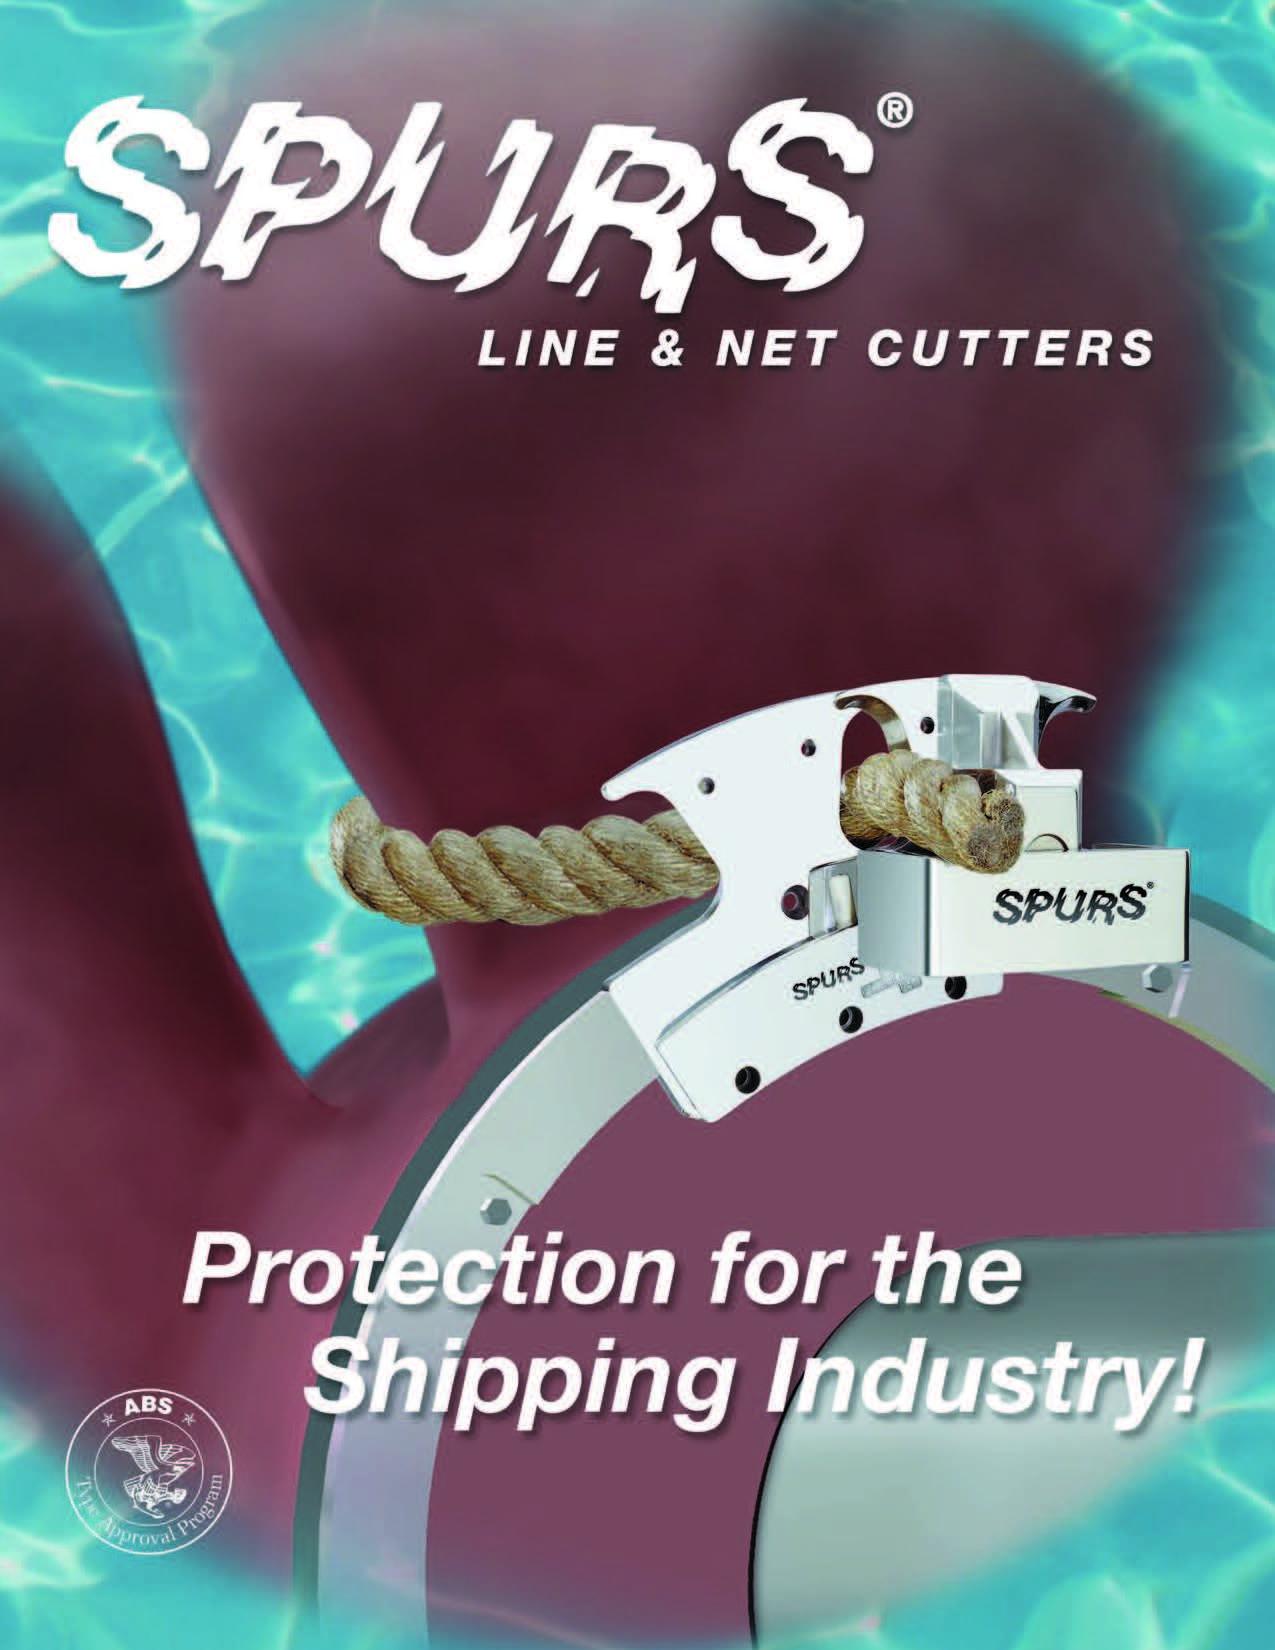 Catálogo sobre cortadoras para hélice en inglés